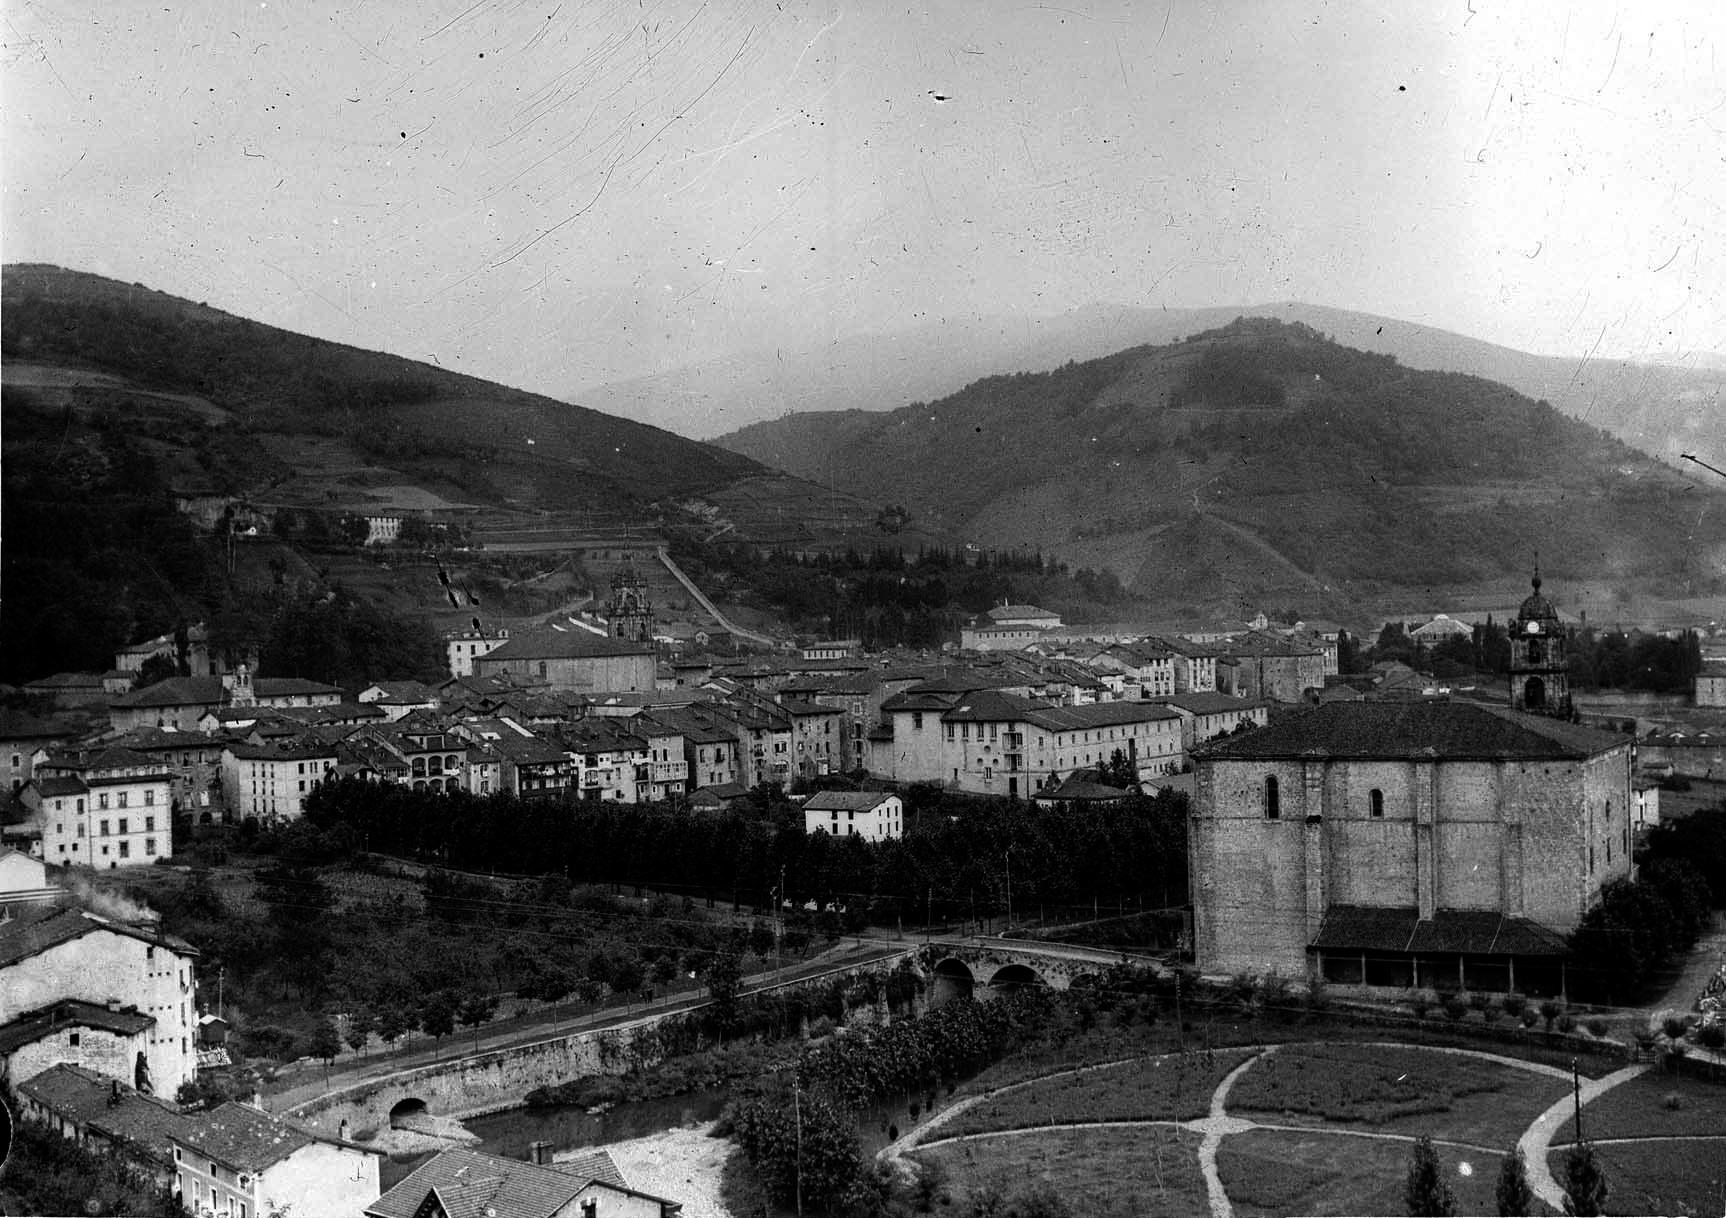 Bergarako ikuspegi orokorra, 1915ean. Eskuinean, lehen planoan, Oxirondoko Santa Marina eliza. Argazkia: Indalezio Ojanguren funtsa / Gipuzkoako Agiritegi Orokorra.